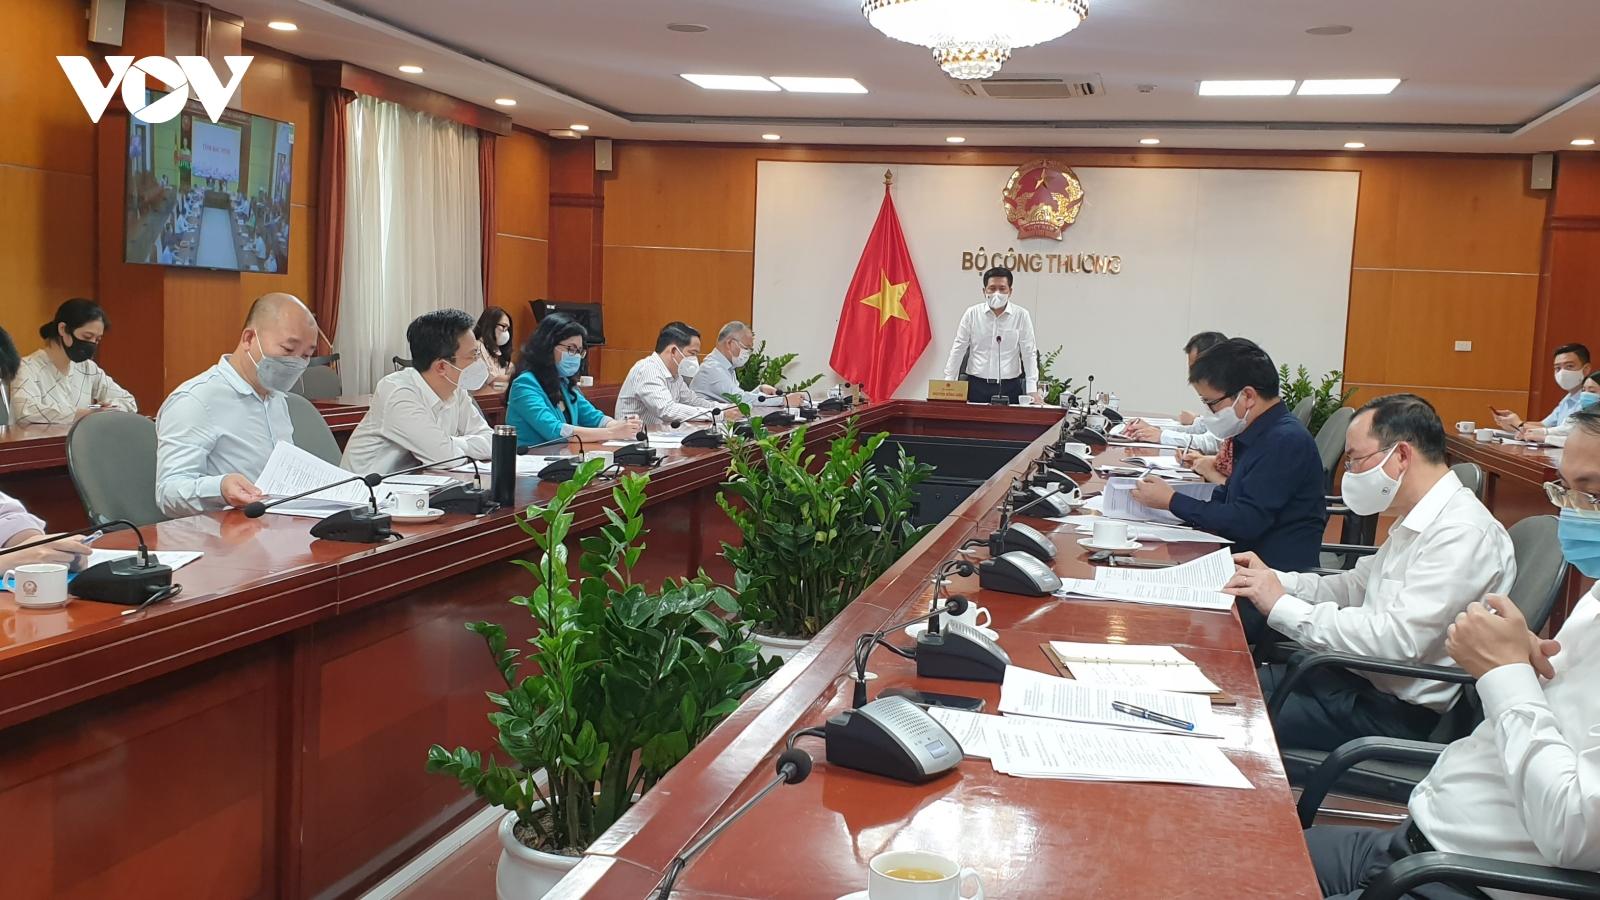 Lo đứt gãy chuỗi cung ứng, Bắc Ninh kiến nghị nhiều giải pháp mạnh